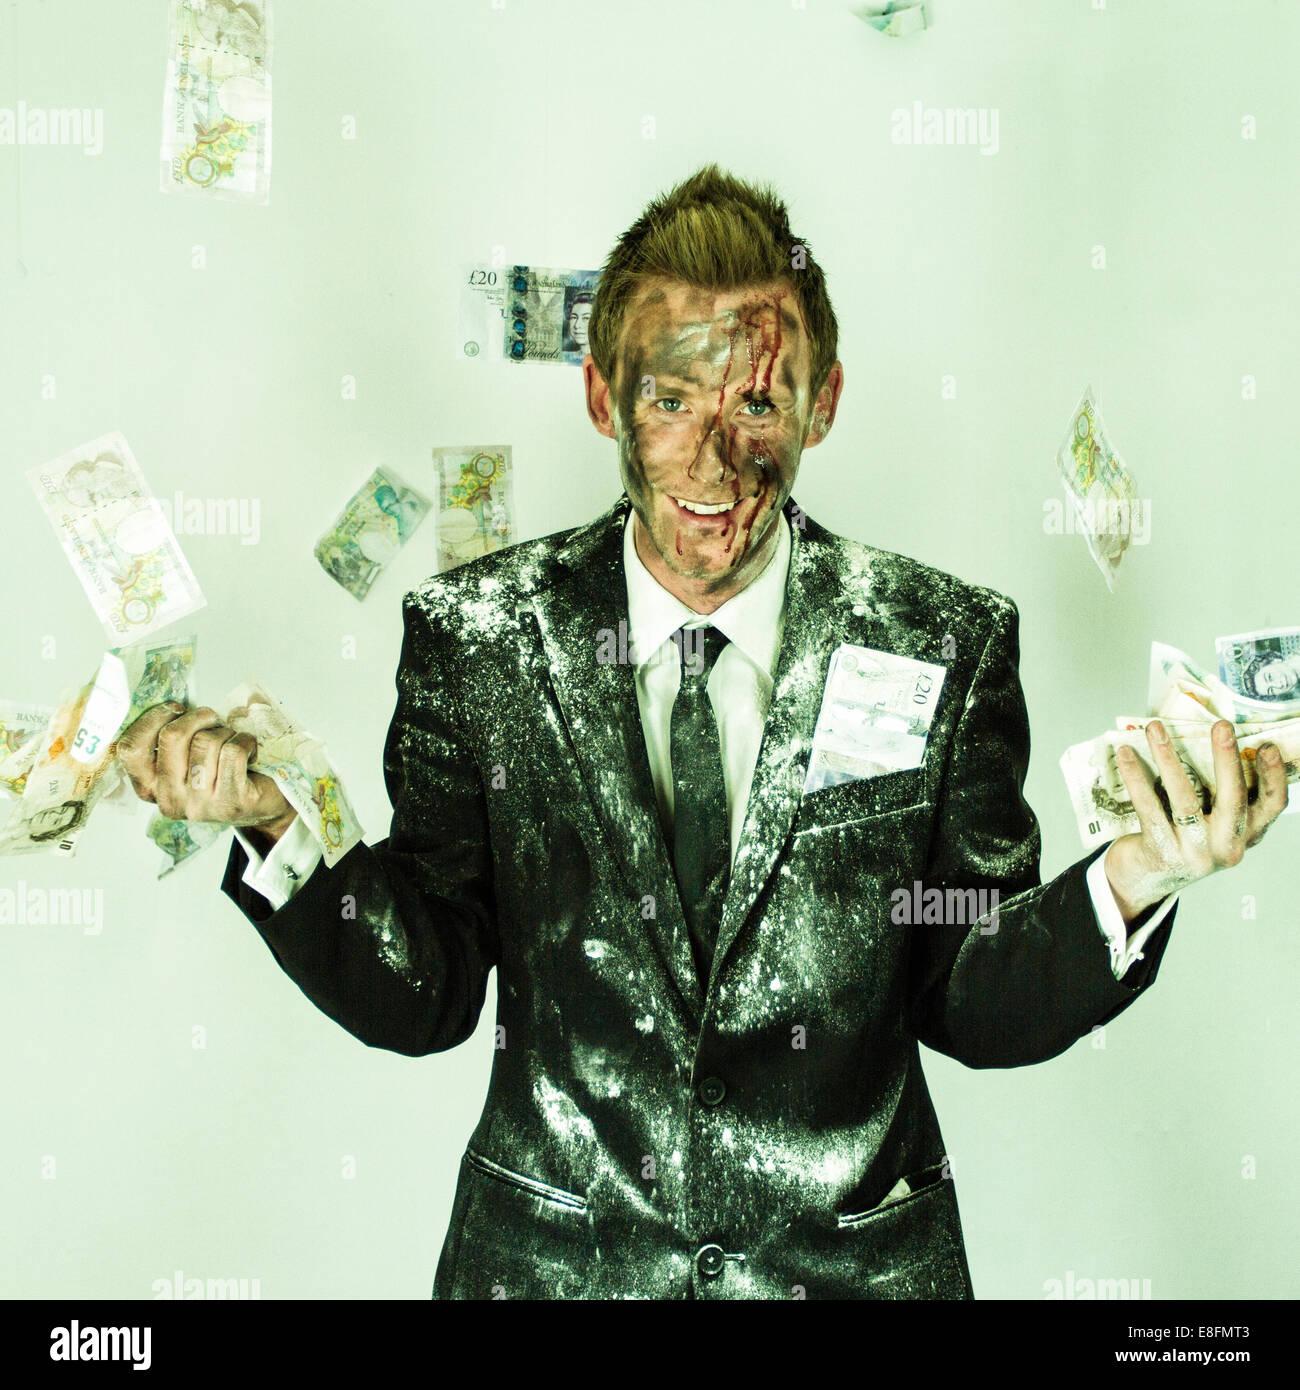 Mann im Anzug zu lachen und Geld Stockbild